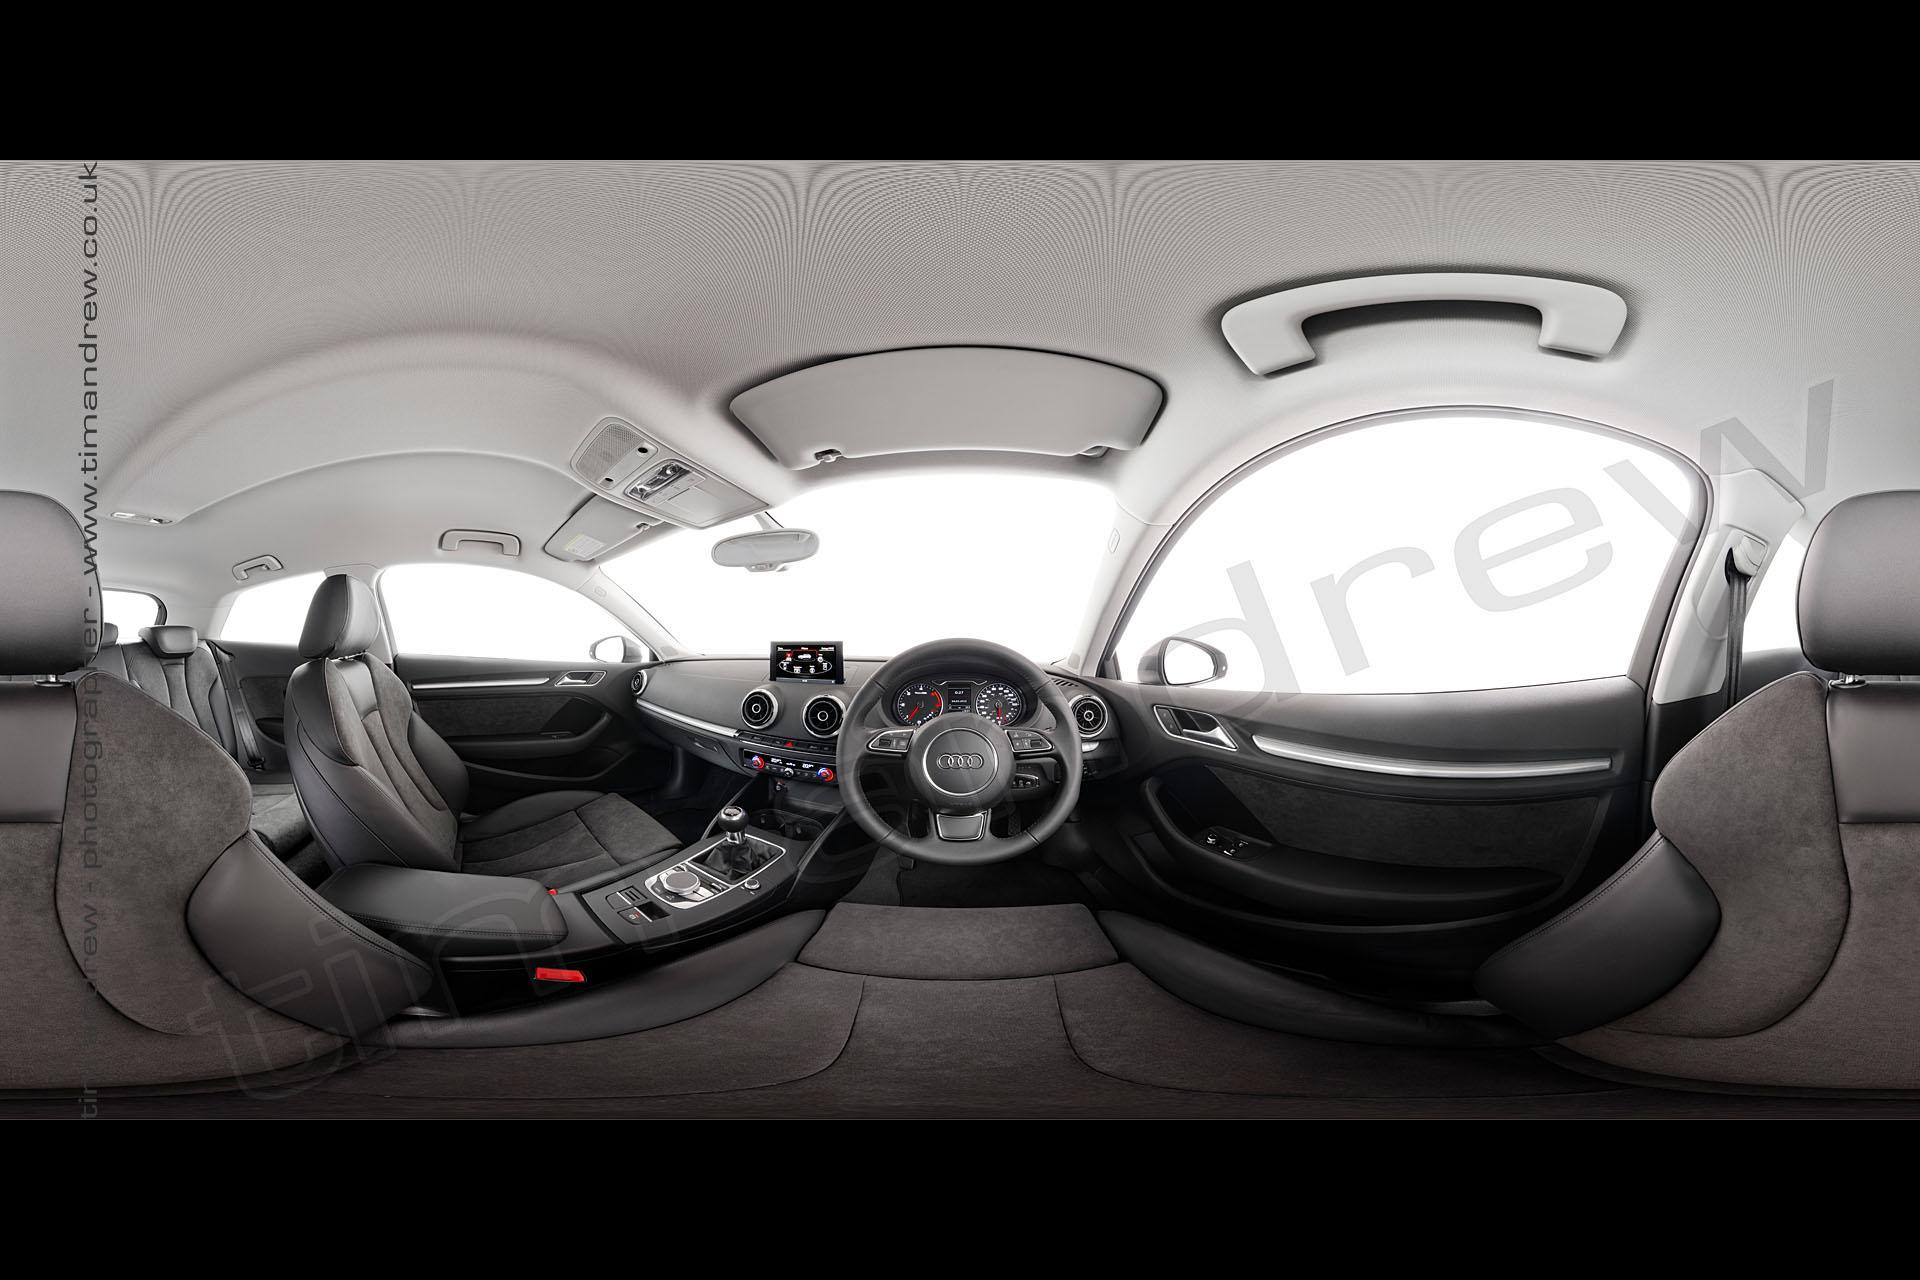 Audi A3 interior panorama